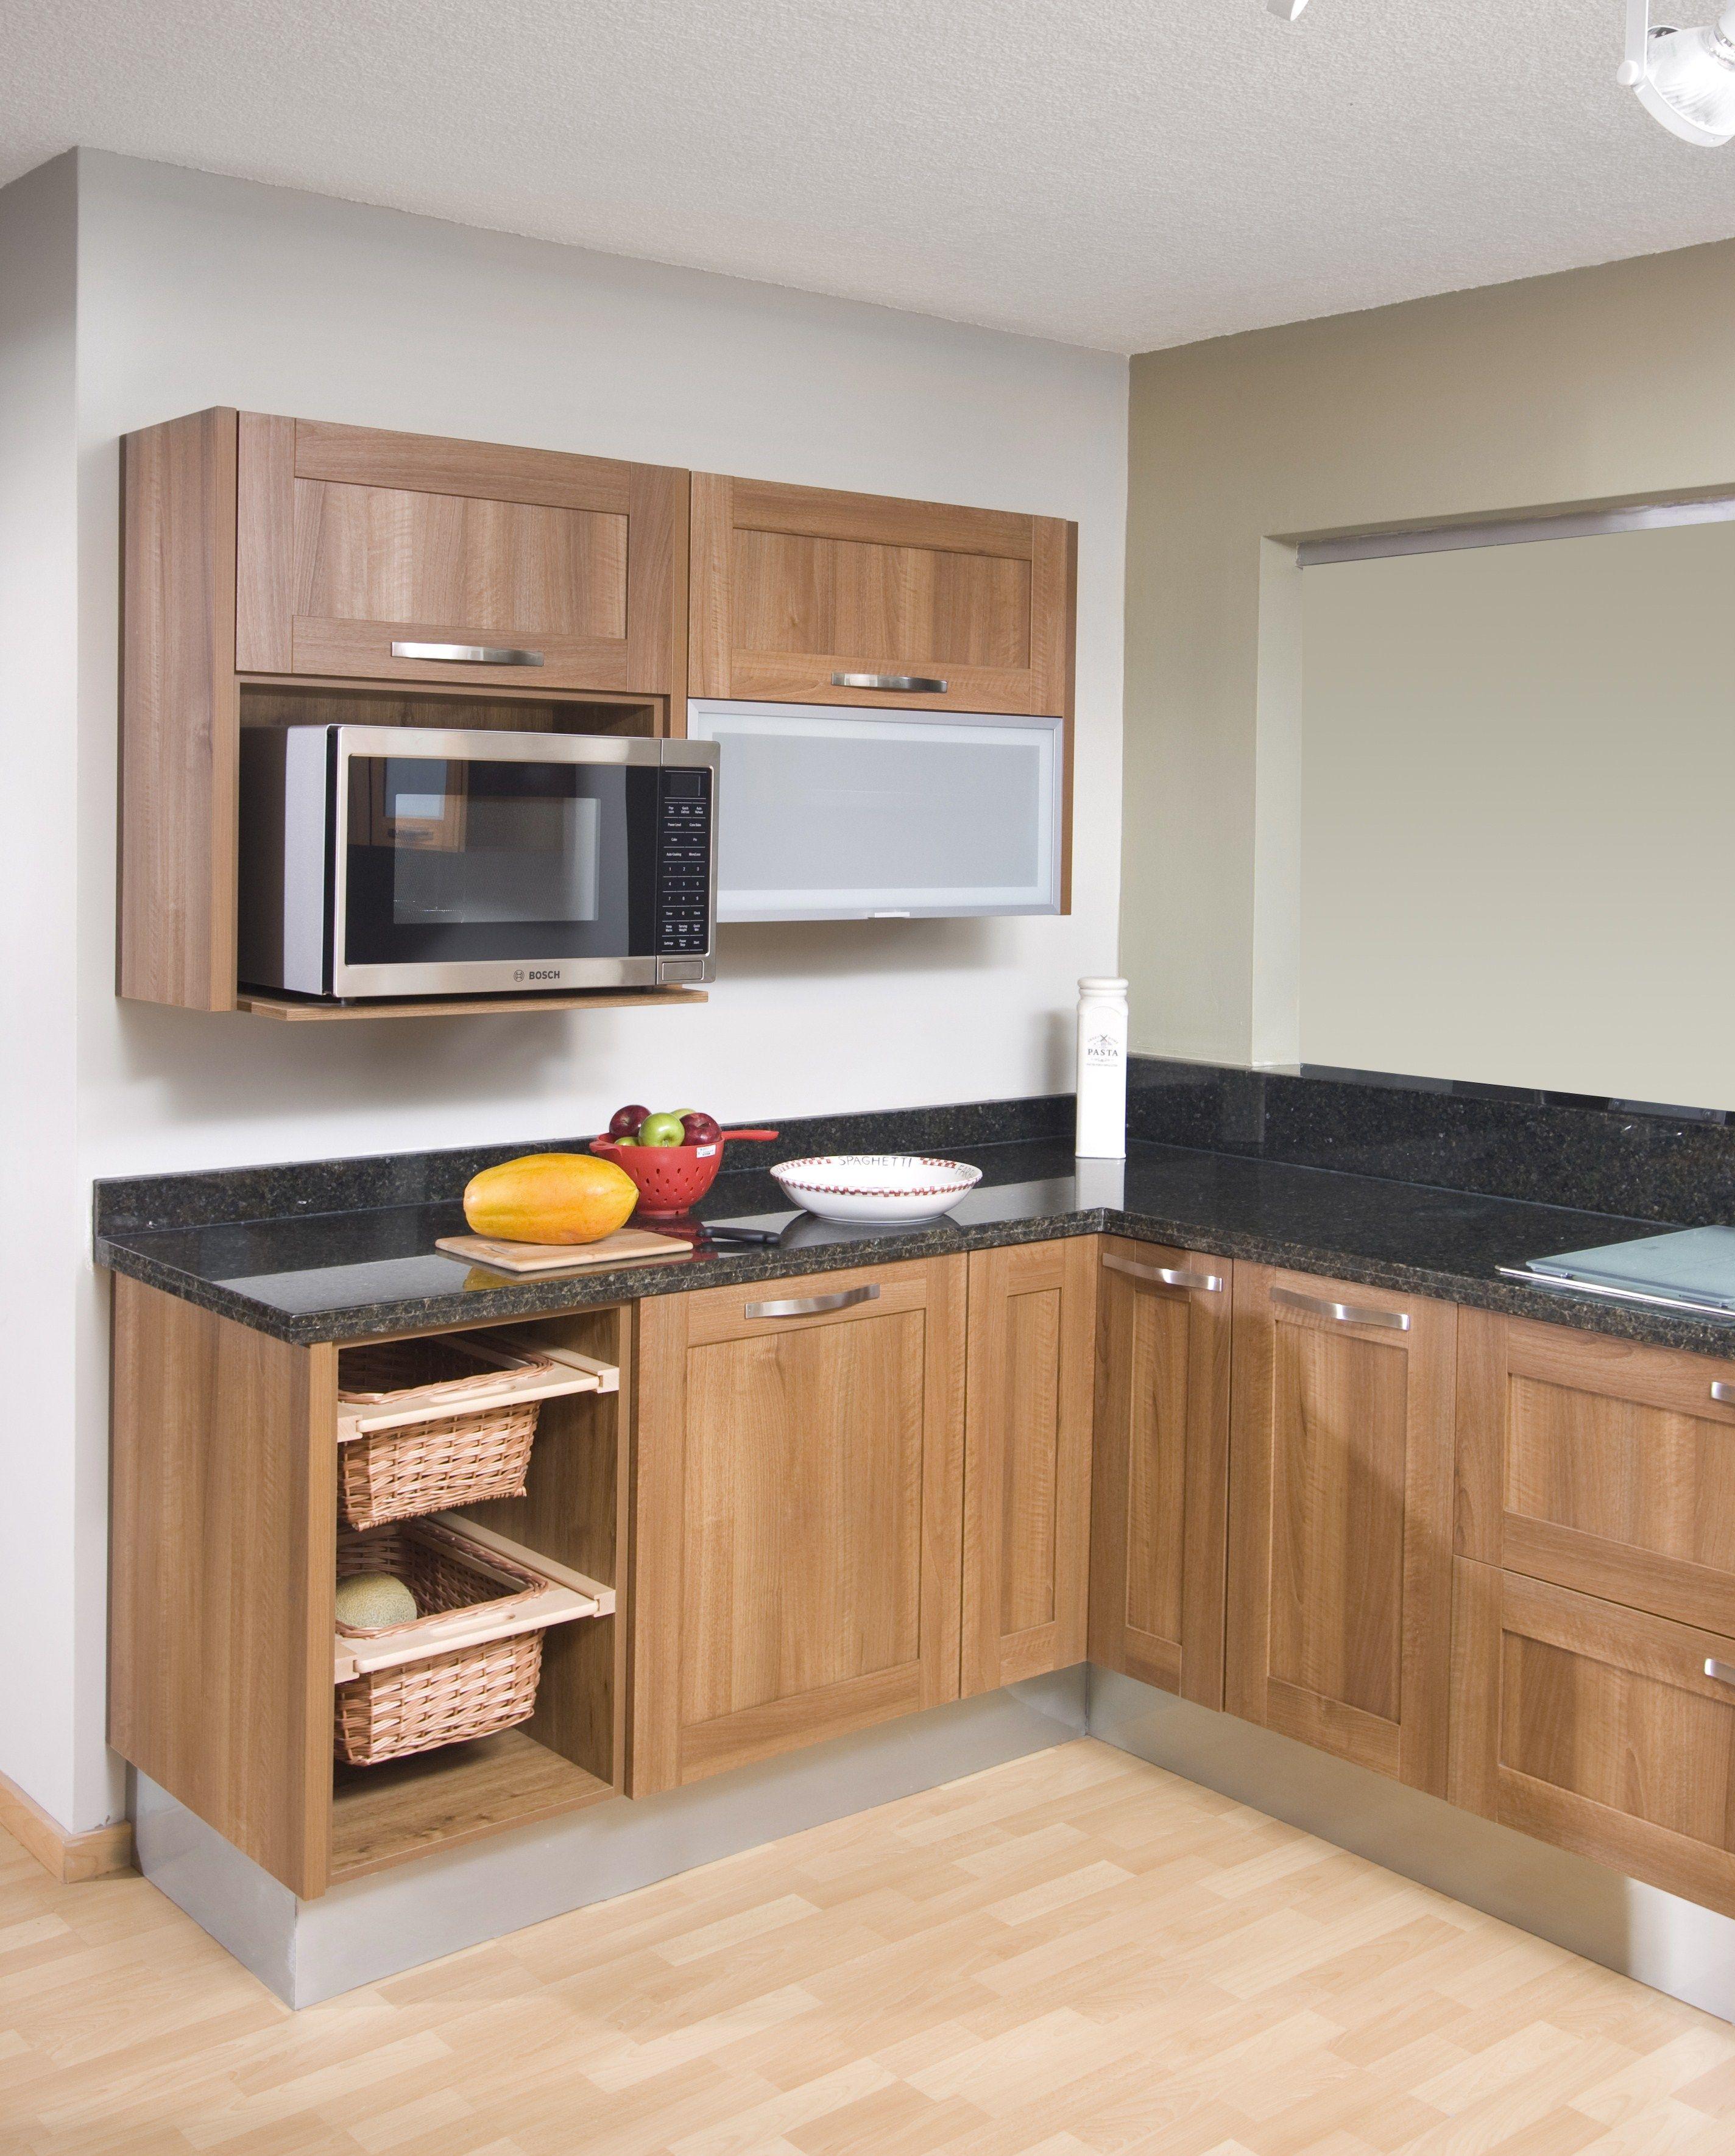 Diseno De Cocinas Pequenas Inspiracion De Diseno De Interiores Disenos De Cocinas Pequenas Diseno De Cocina Decoracion De Cocina Moderna